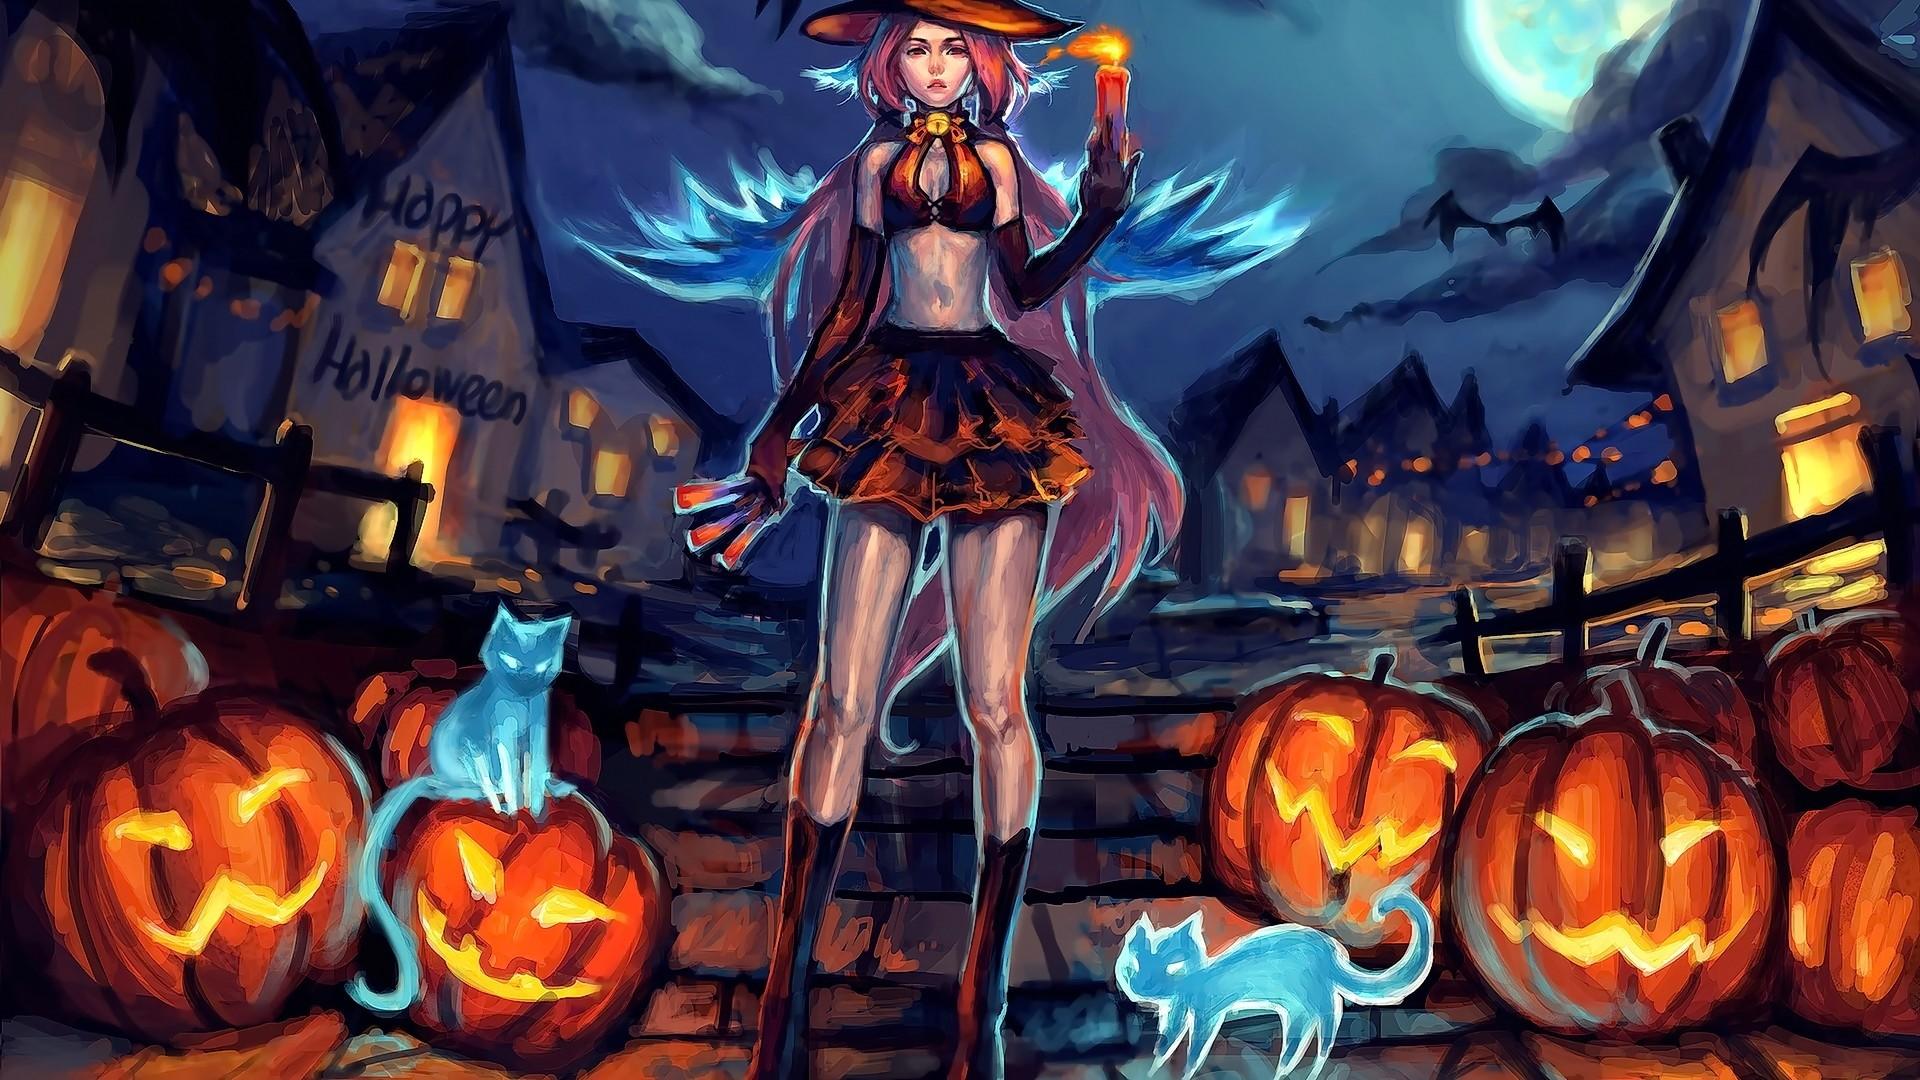 Halloween 2020 a wallpaper